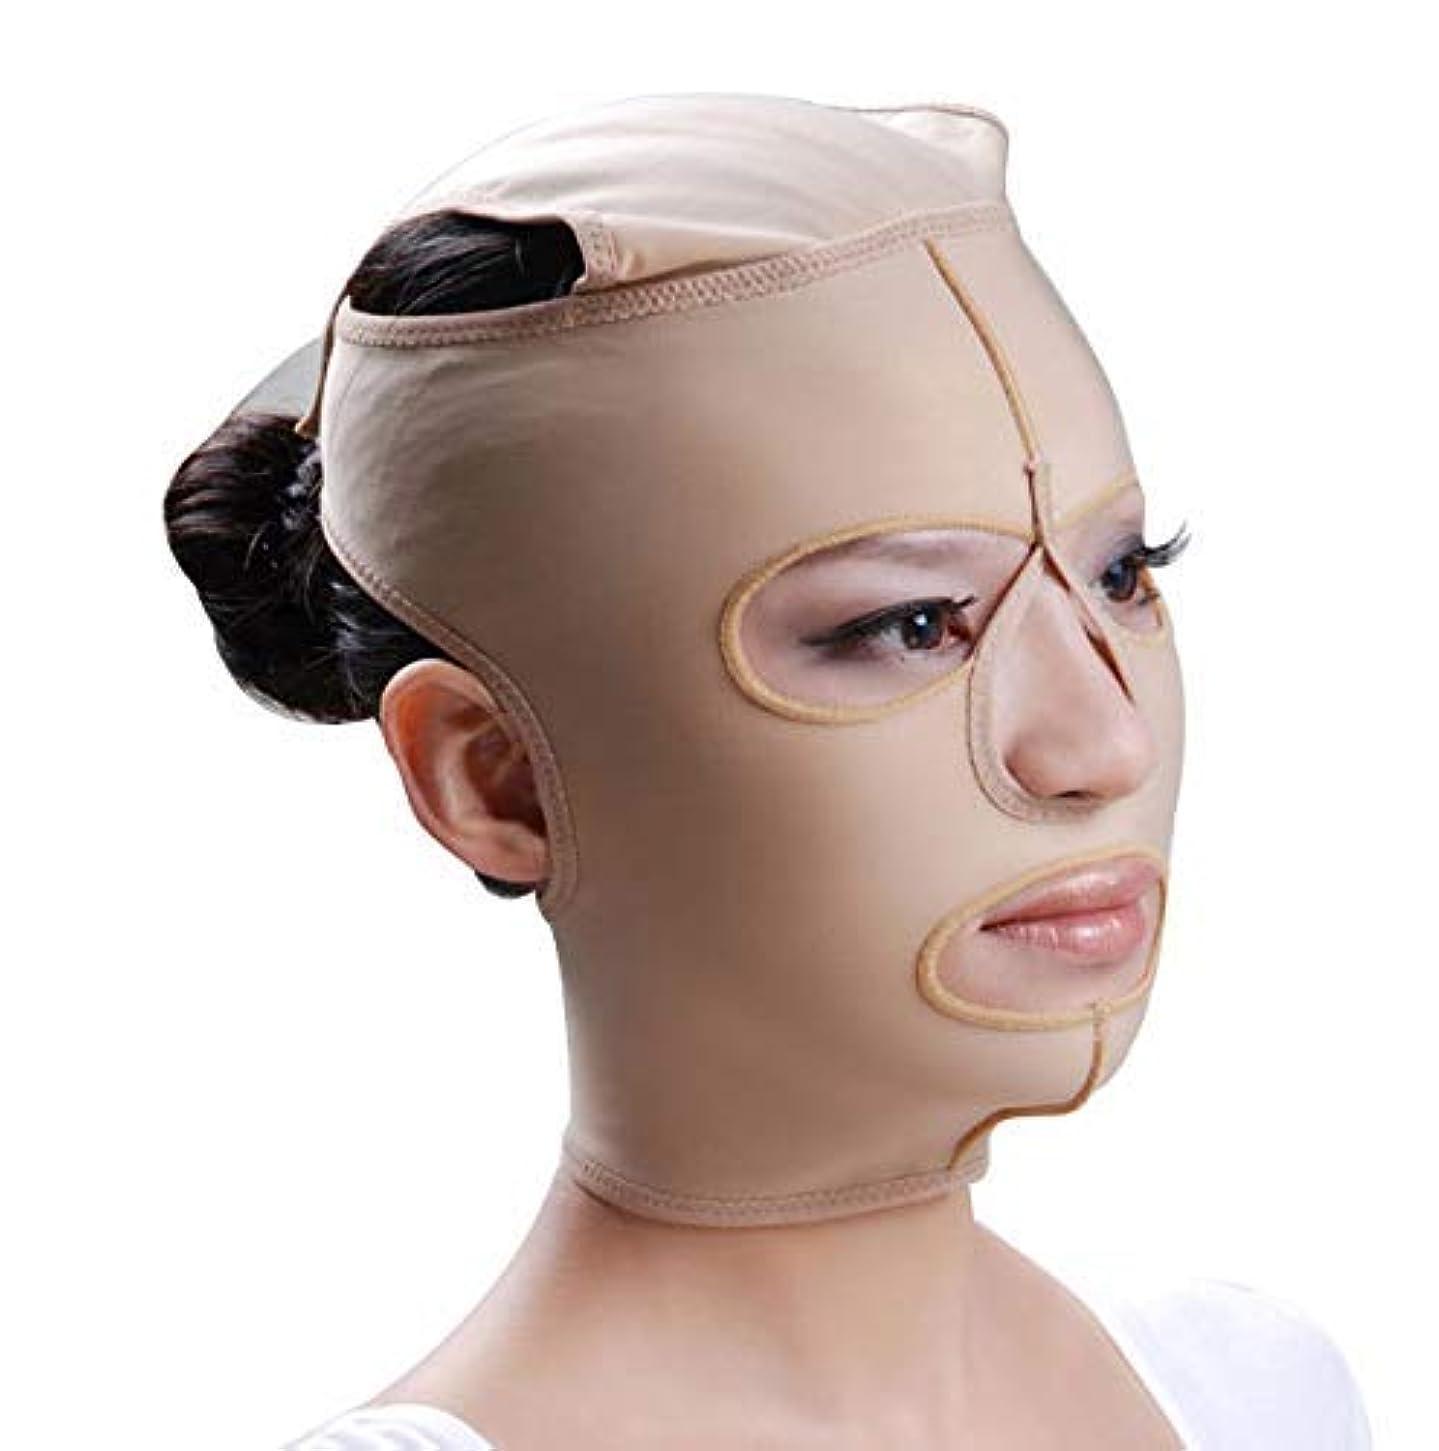 ファーミングフェイスマスク、フェイシャルマスクエラスティックフェイスリフティングリフティングファーミングパターンマイクロフィニッシングポストモデリングコンプレッションフェイスマスク(サイズ:S),M